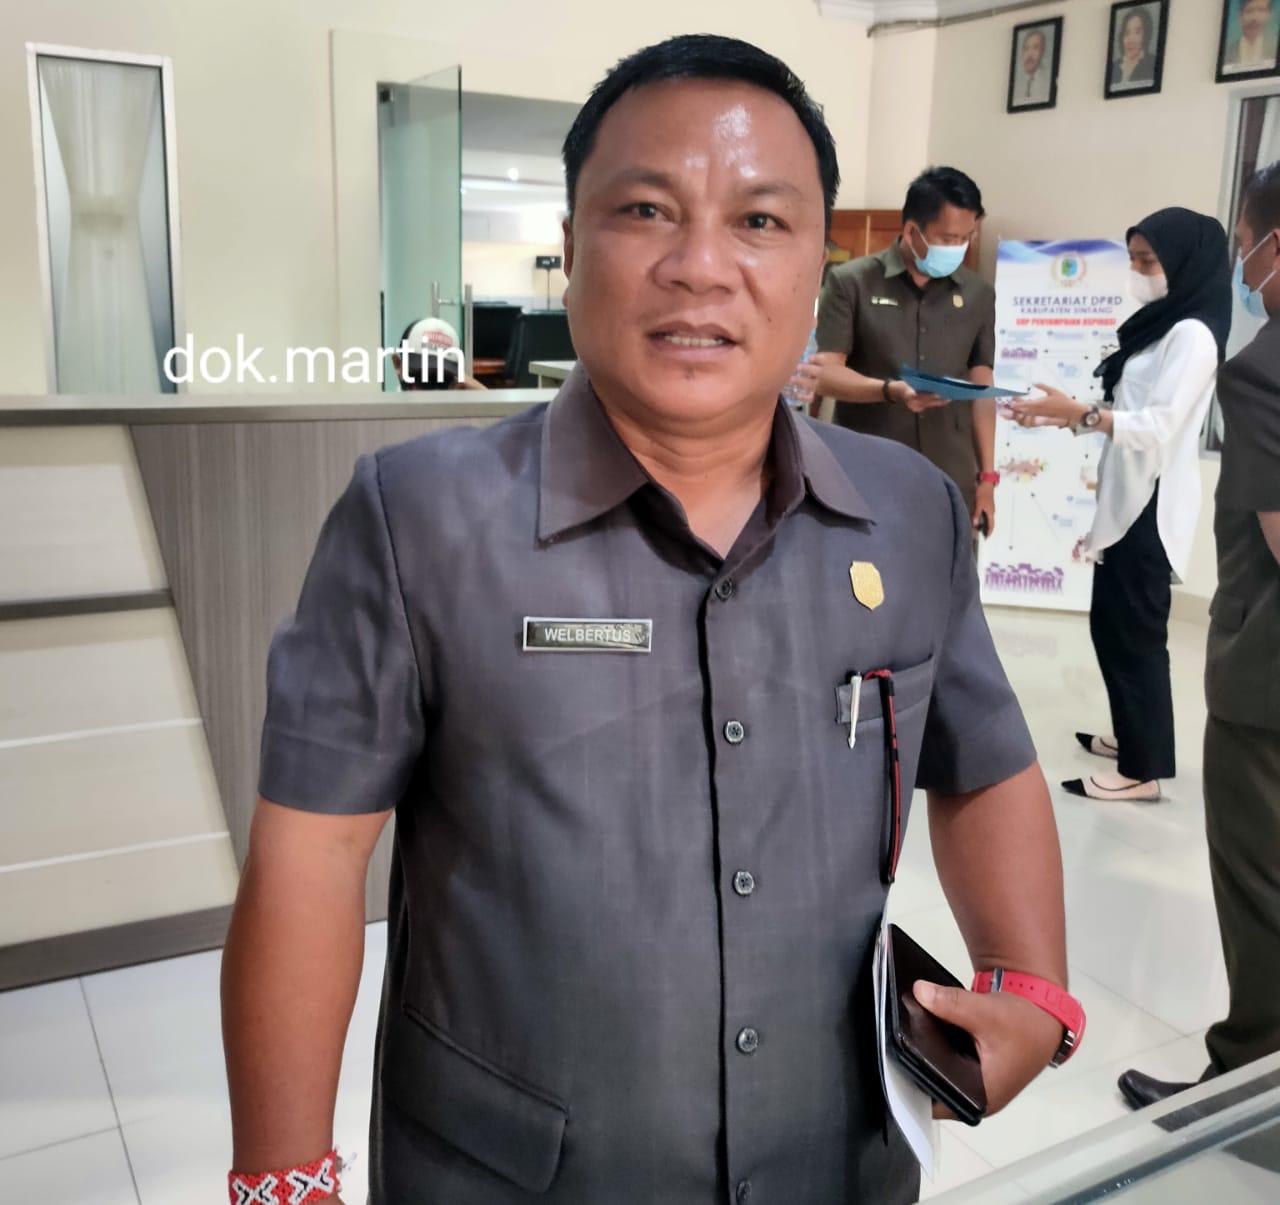 Welbertus Berharap Petani Rasakan Imbas Naiknya Harga TBS